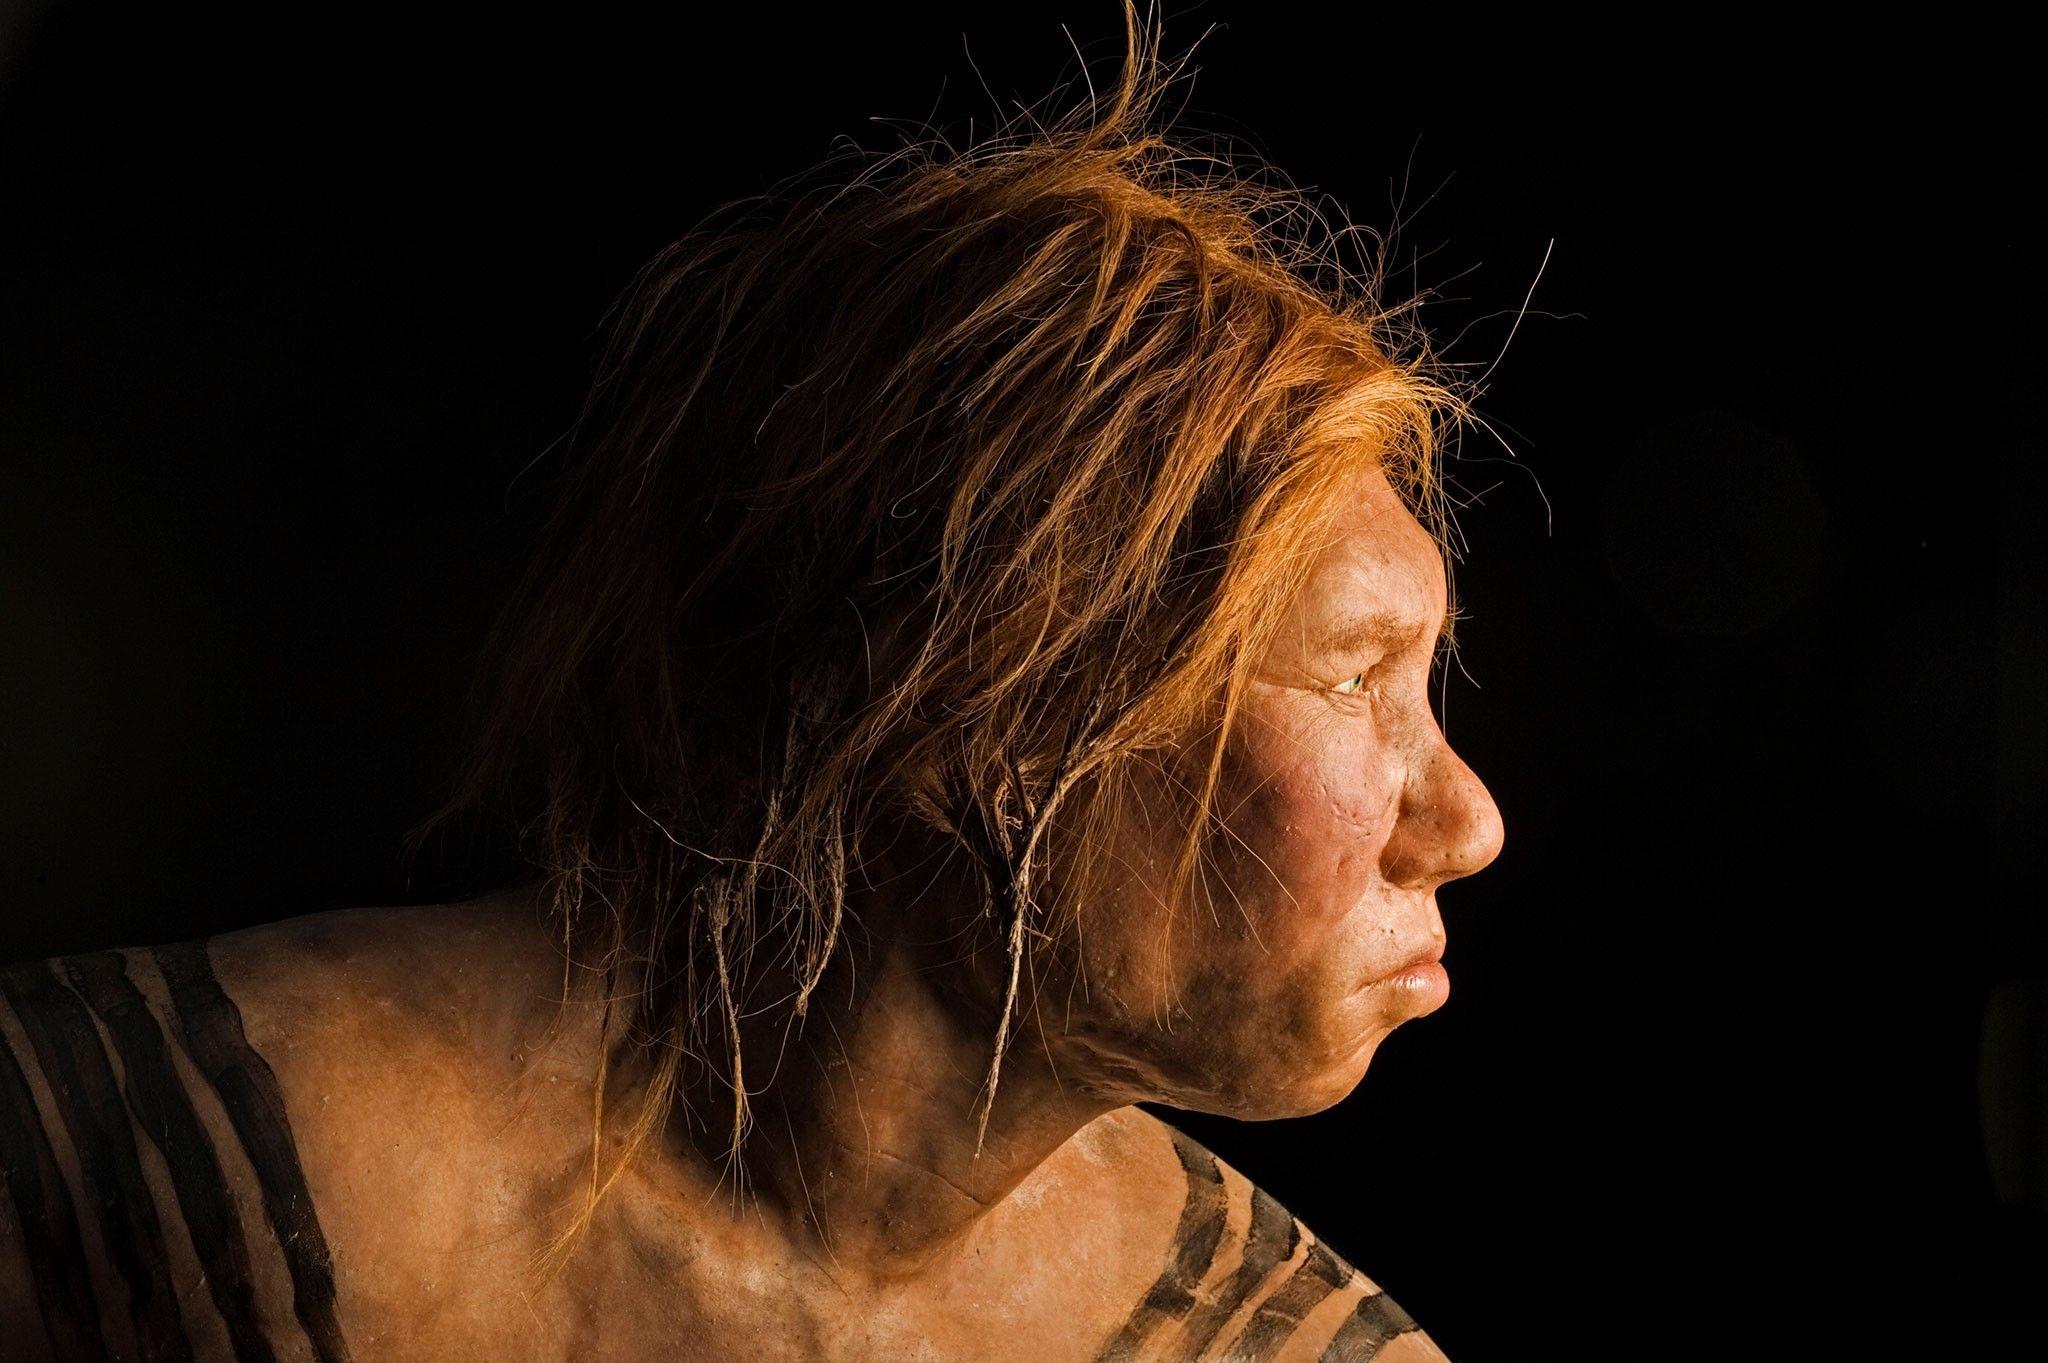 Los padres de esta adolescente pertenecían a dos especies humanas diferentes   National Geographic